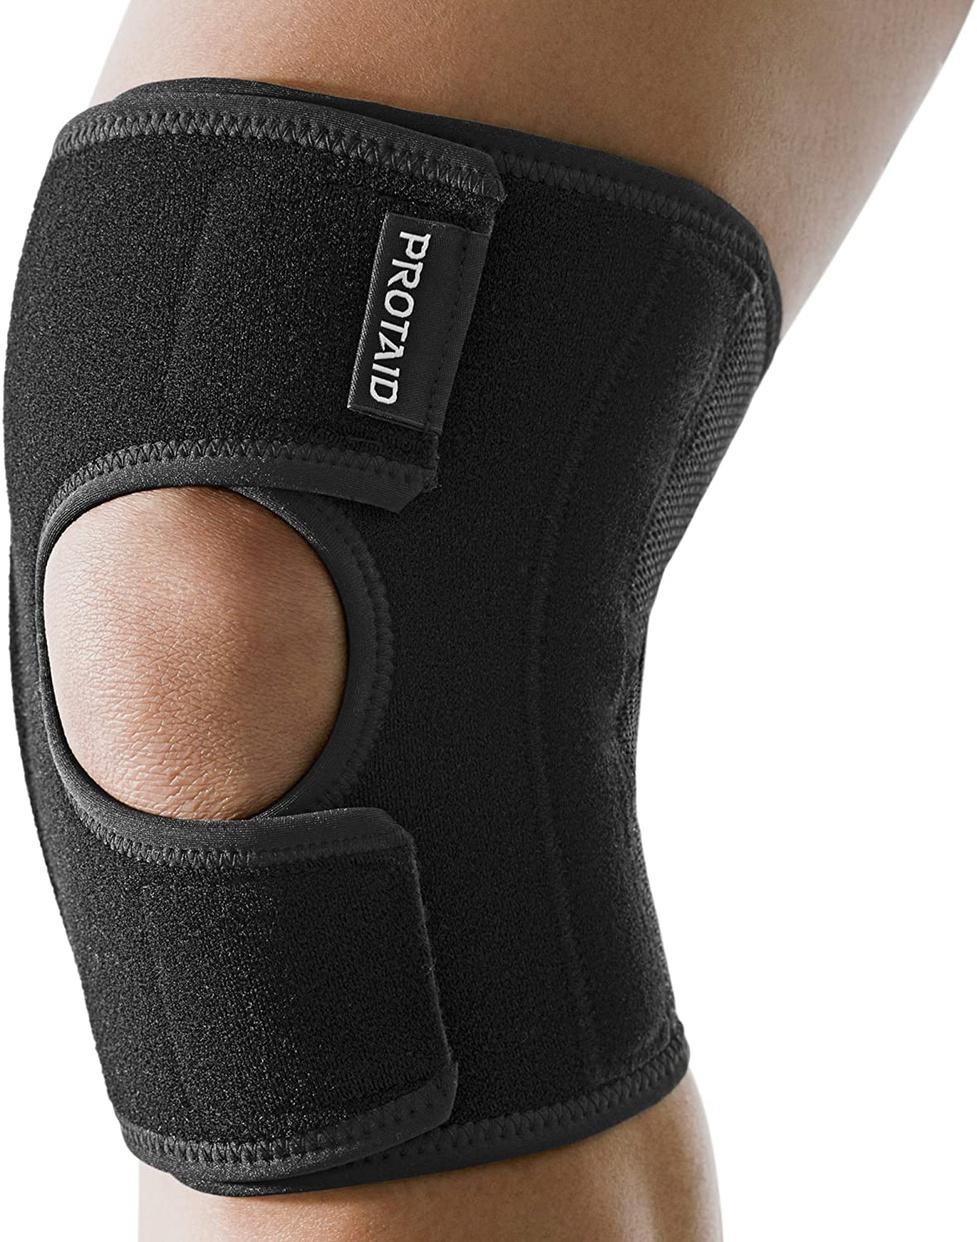 PROTAID(プロテイド) 膝サポーター 薄型 344101の商品画像